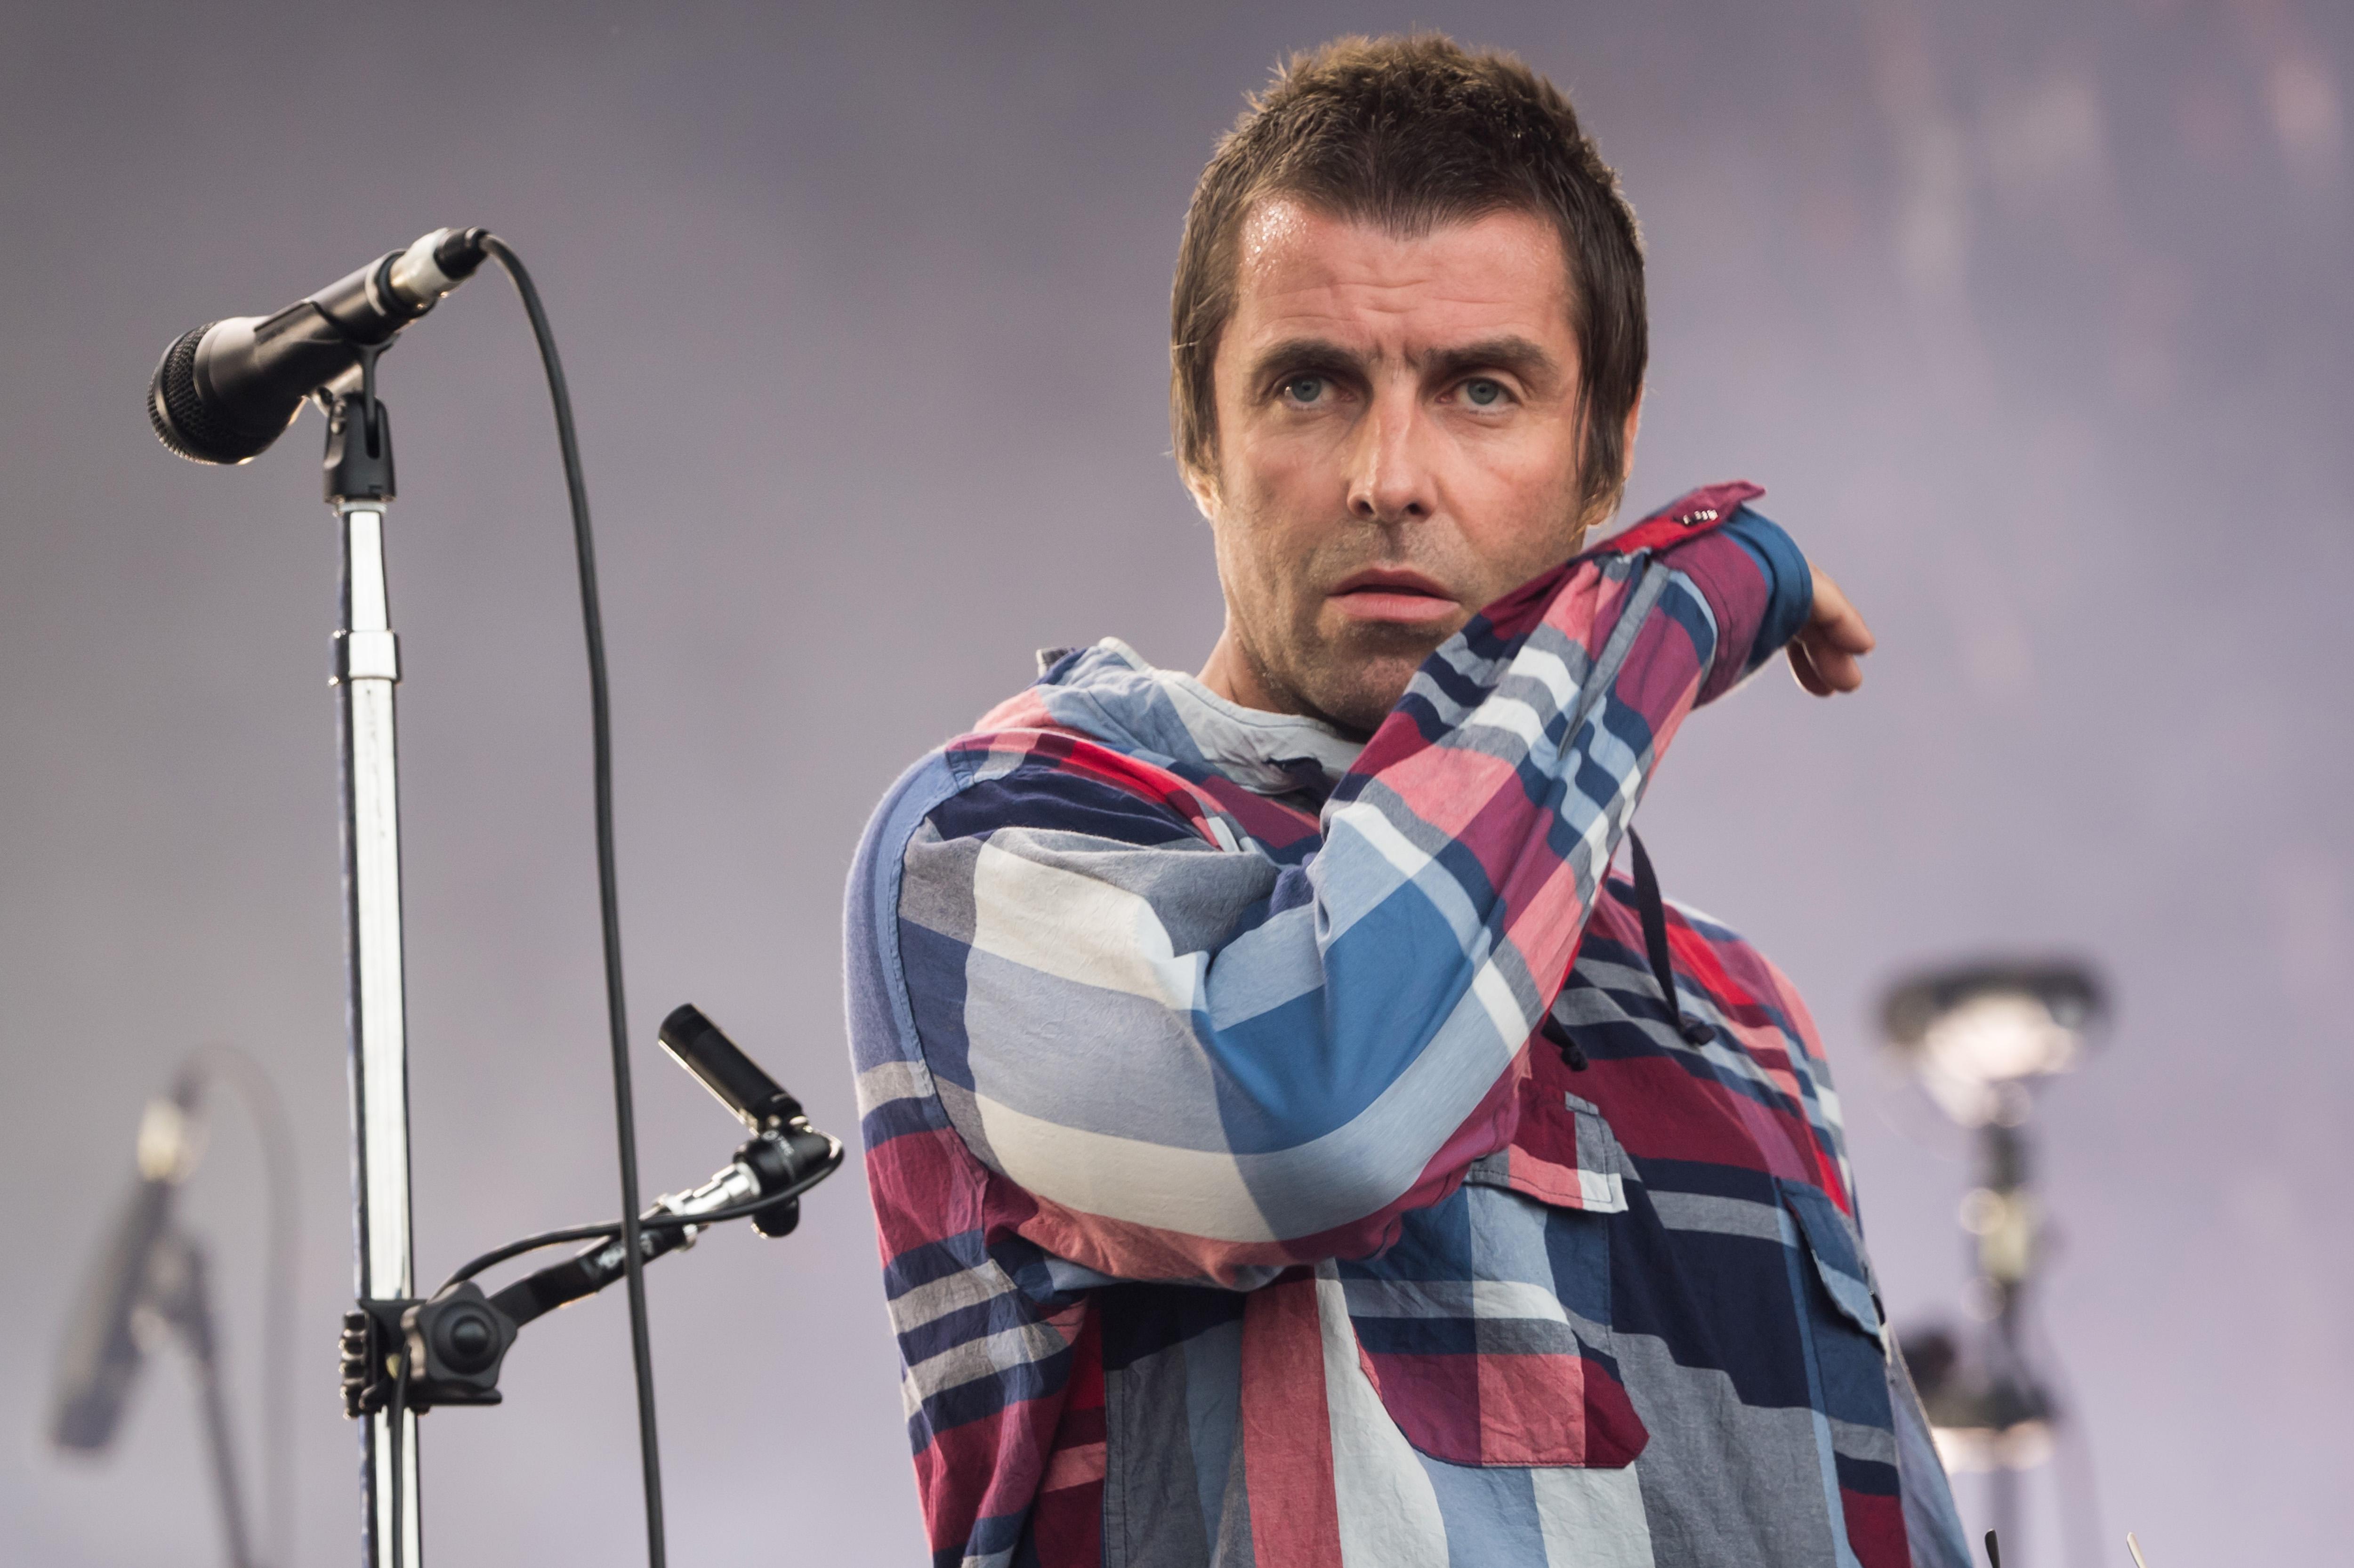 Decizia neașteptată a lui Liam Gallagher, în legătură cu fratele său, Noel, cu care este în conflict de mulți ani